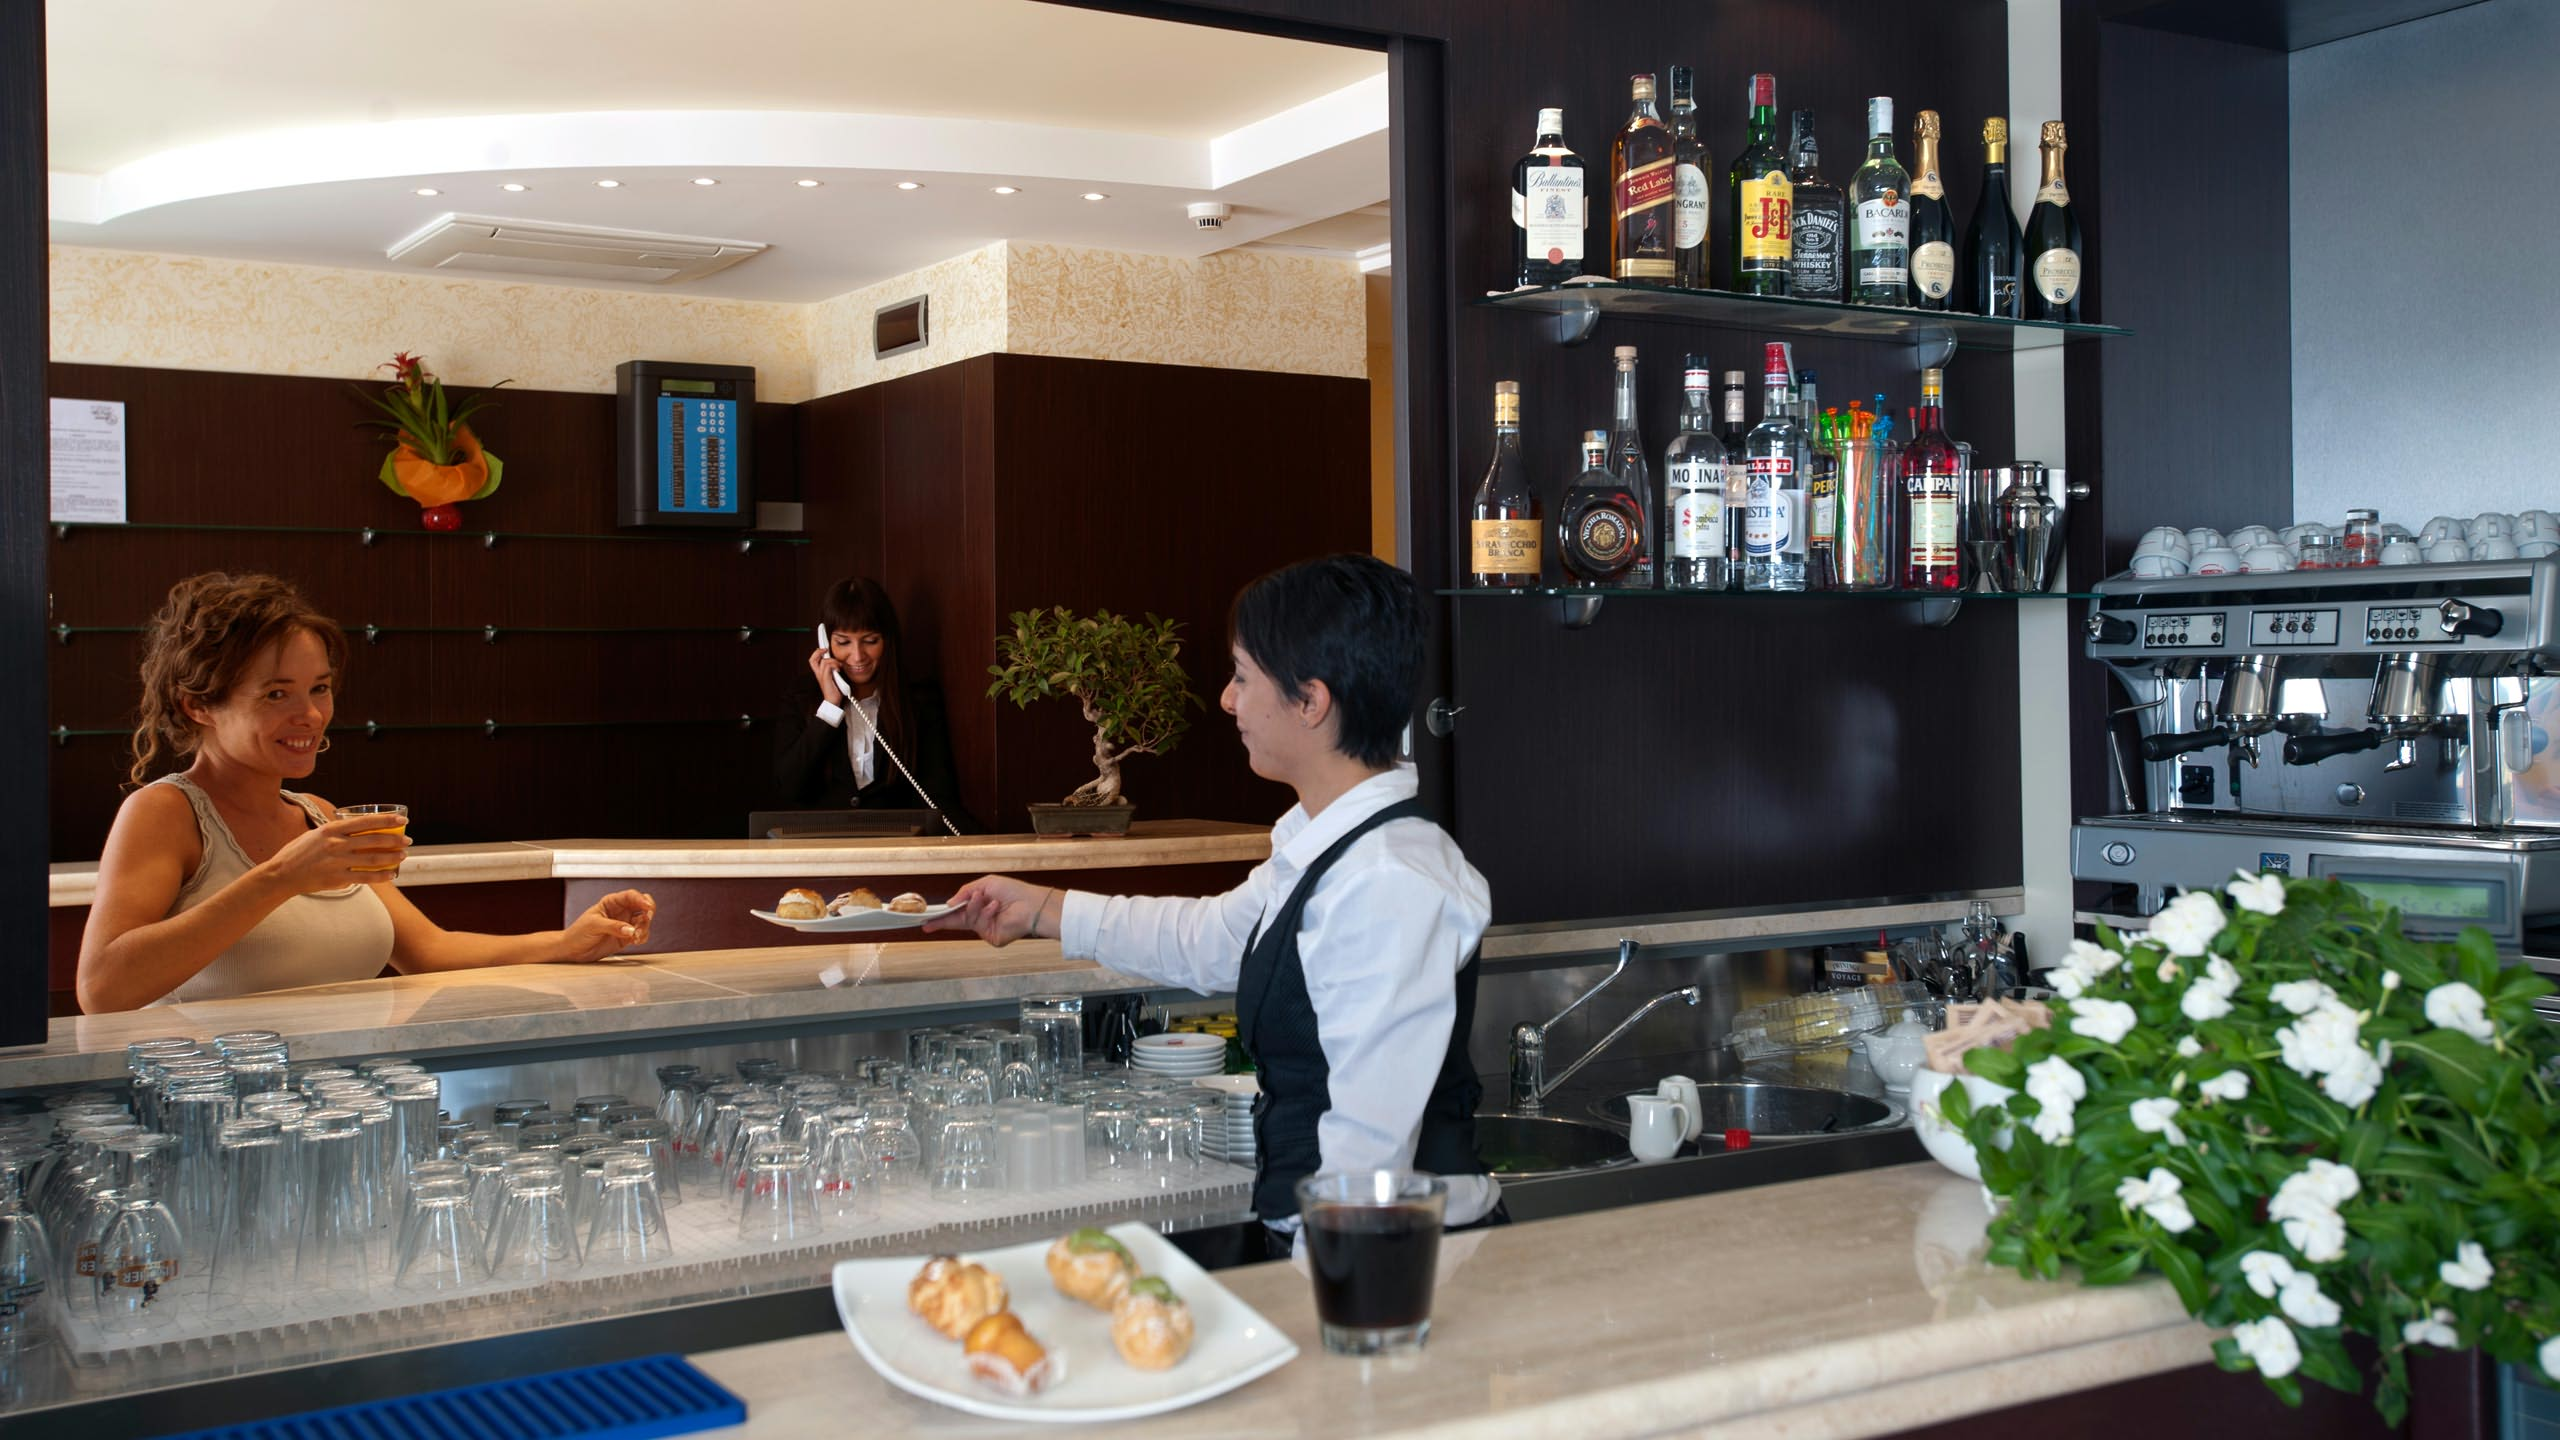 oc-hotel-villa-adriana-aree-comuni-002